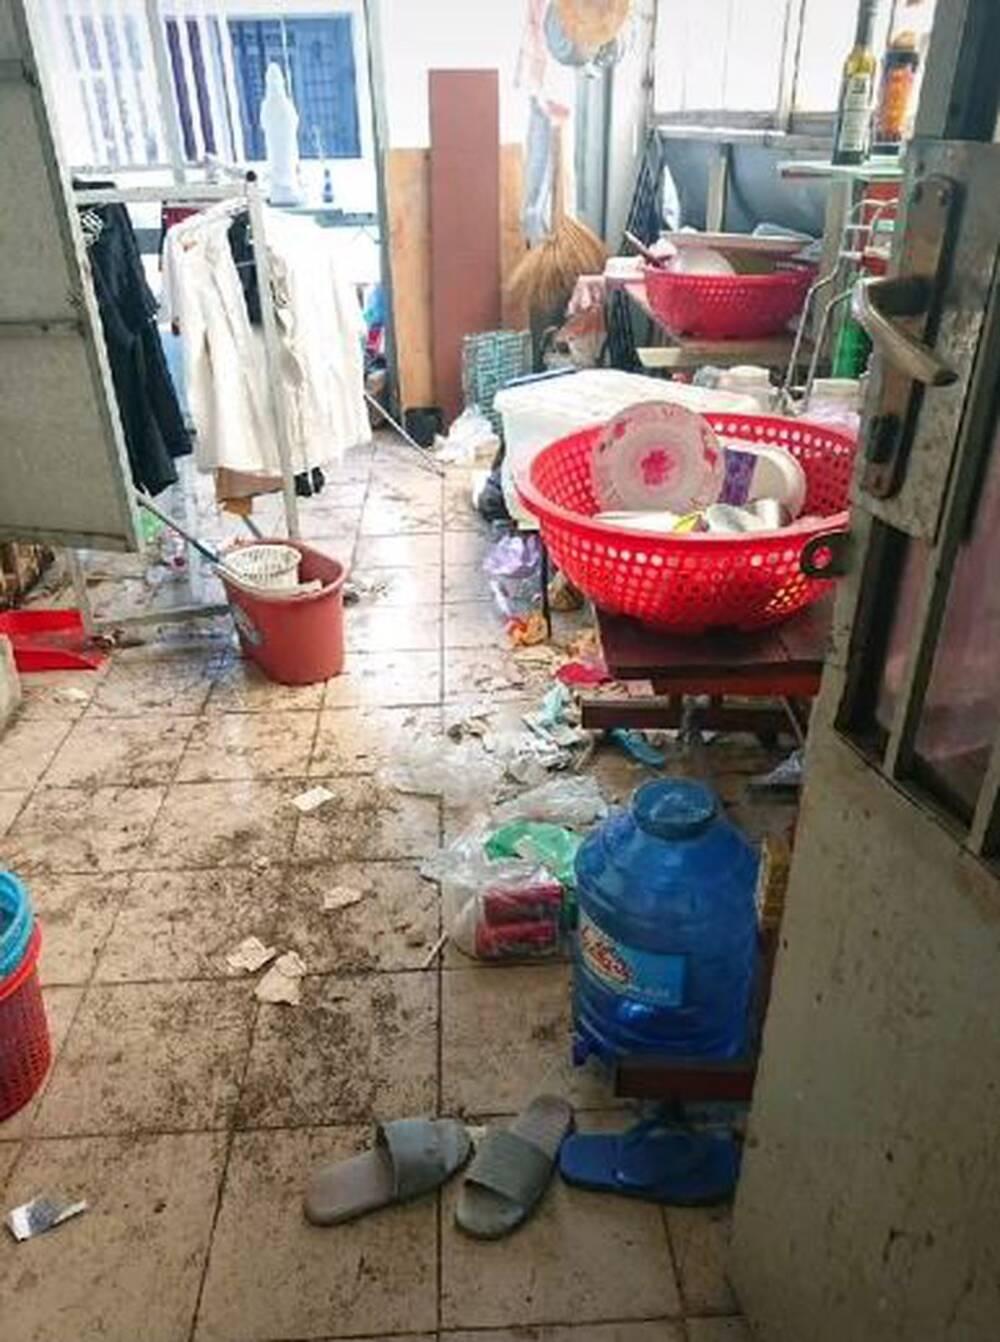 Cận cảnh căn phòng trọ ngập ngụa rác của 4 nữ sinh ở TP.HCM, cộng đồng mạng lắc đầu ngao ngán - Ảnh 2